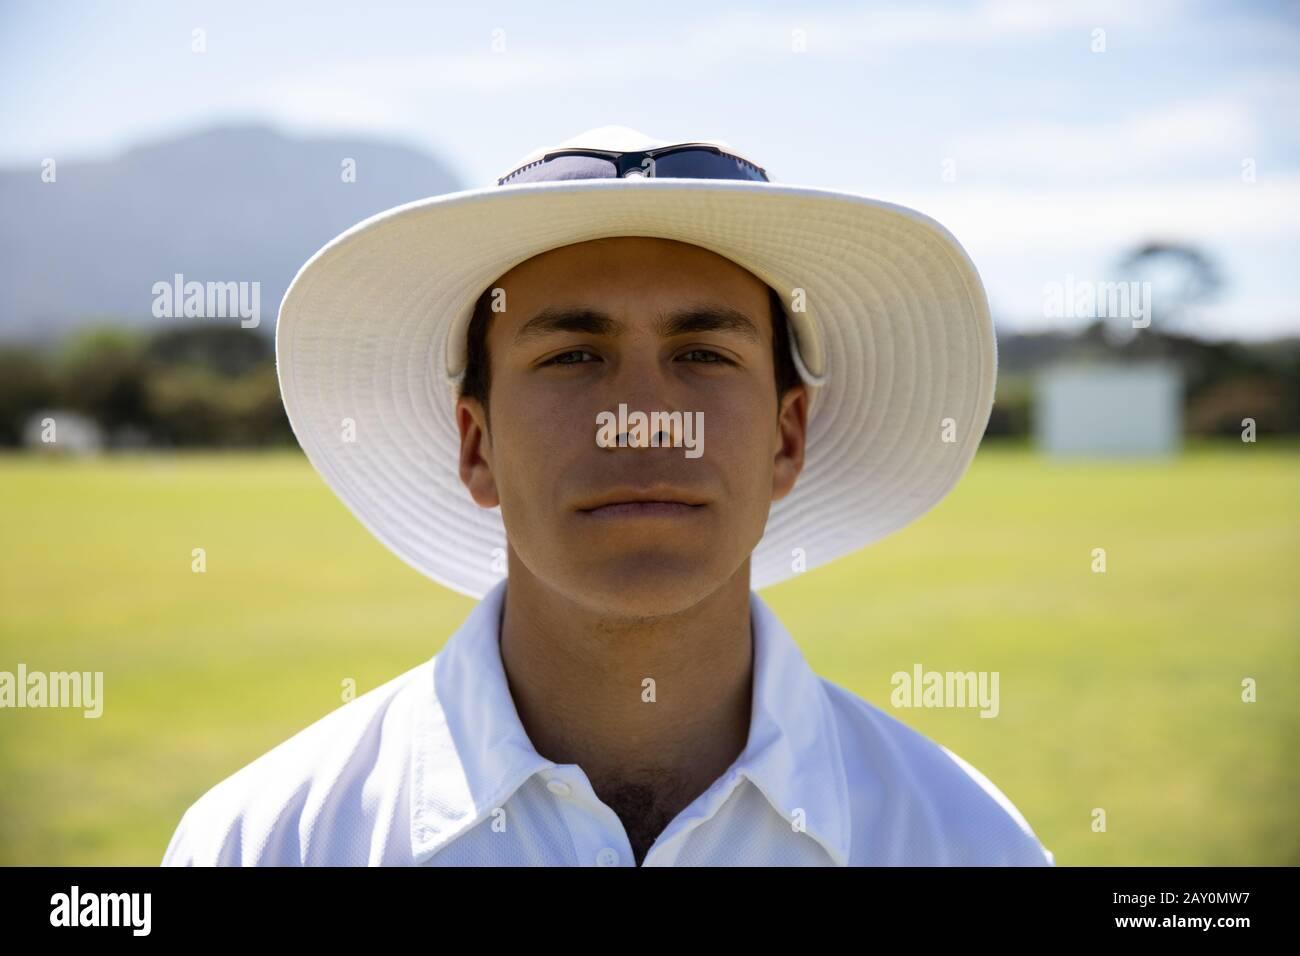 Joueur de cricket regardant l'appareil photo Banque D'Images